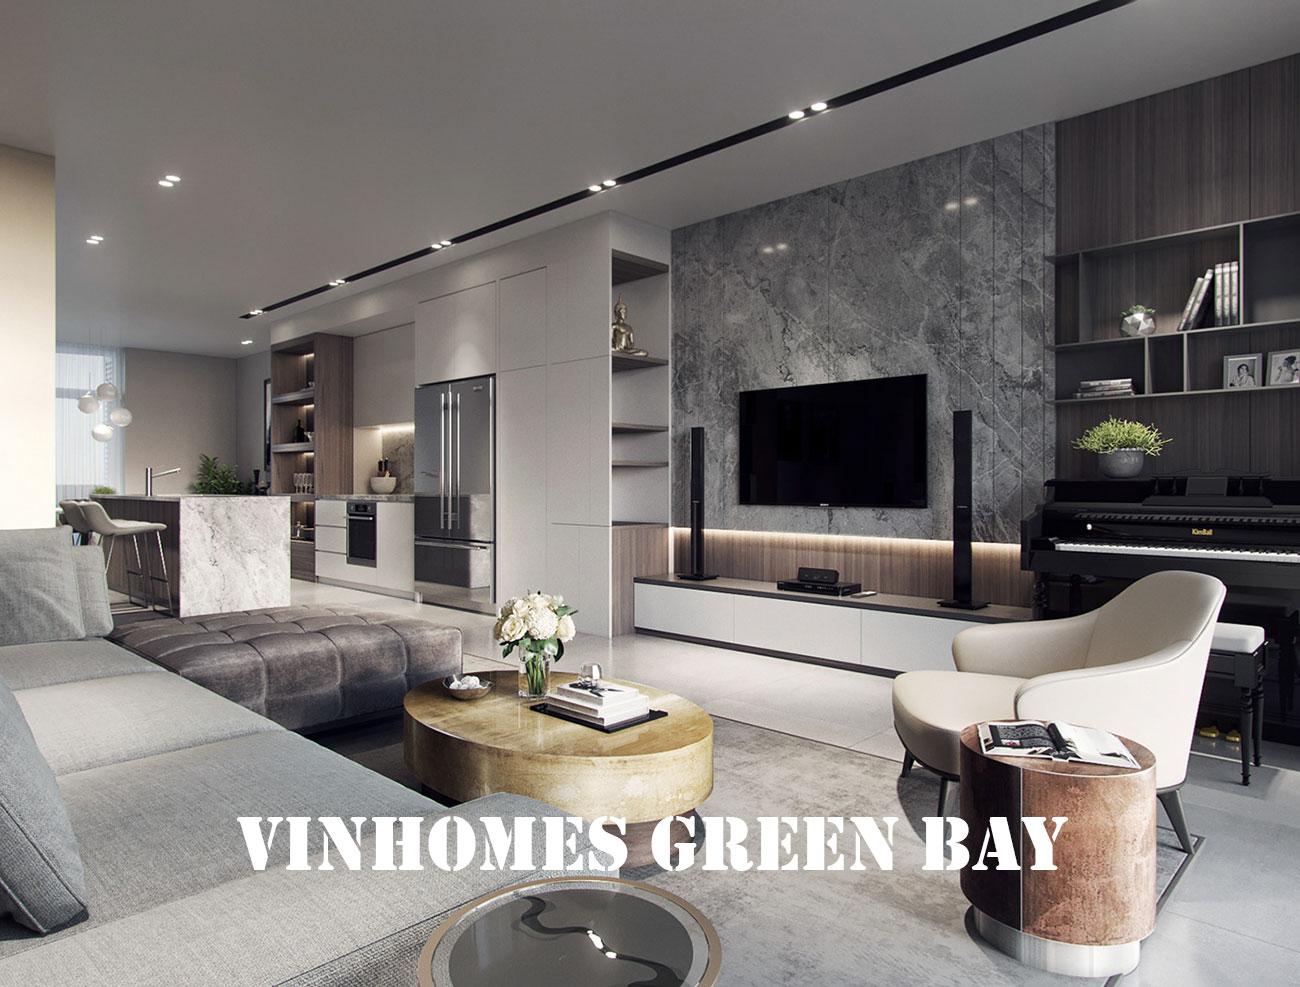 Thiết Kế Chung Cư Vinhomes Green Bay Mễ Trì – Call 0971663666